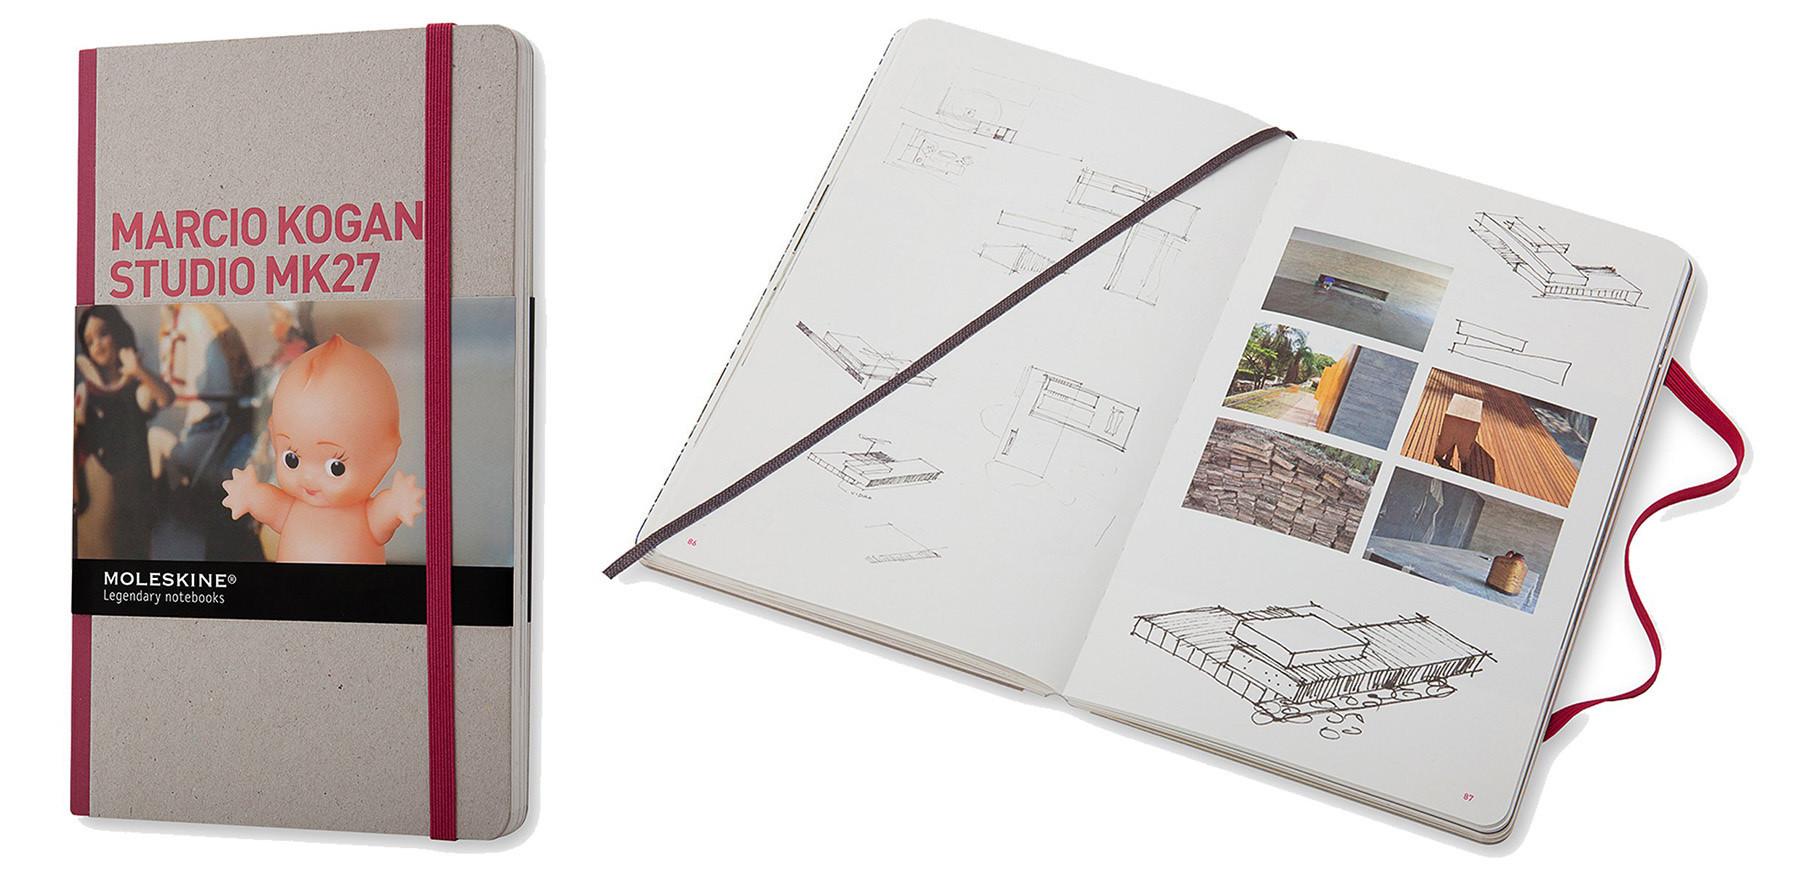 Livraria Cultura promove o lançamento do Moleskine do Studio MK27, Cortesia de Studio MK27